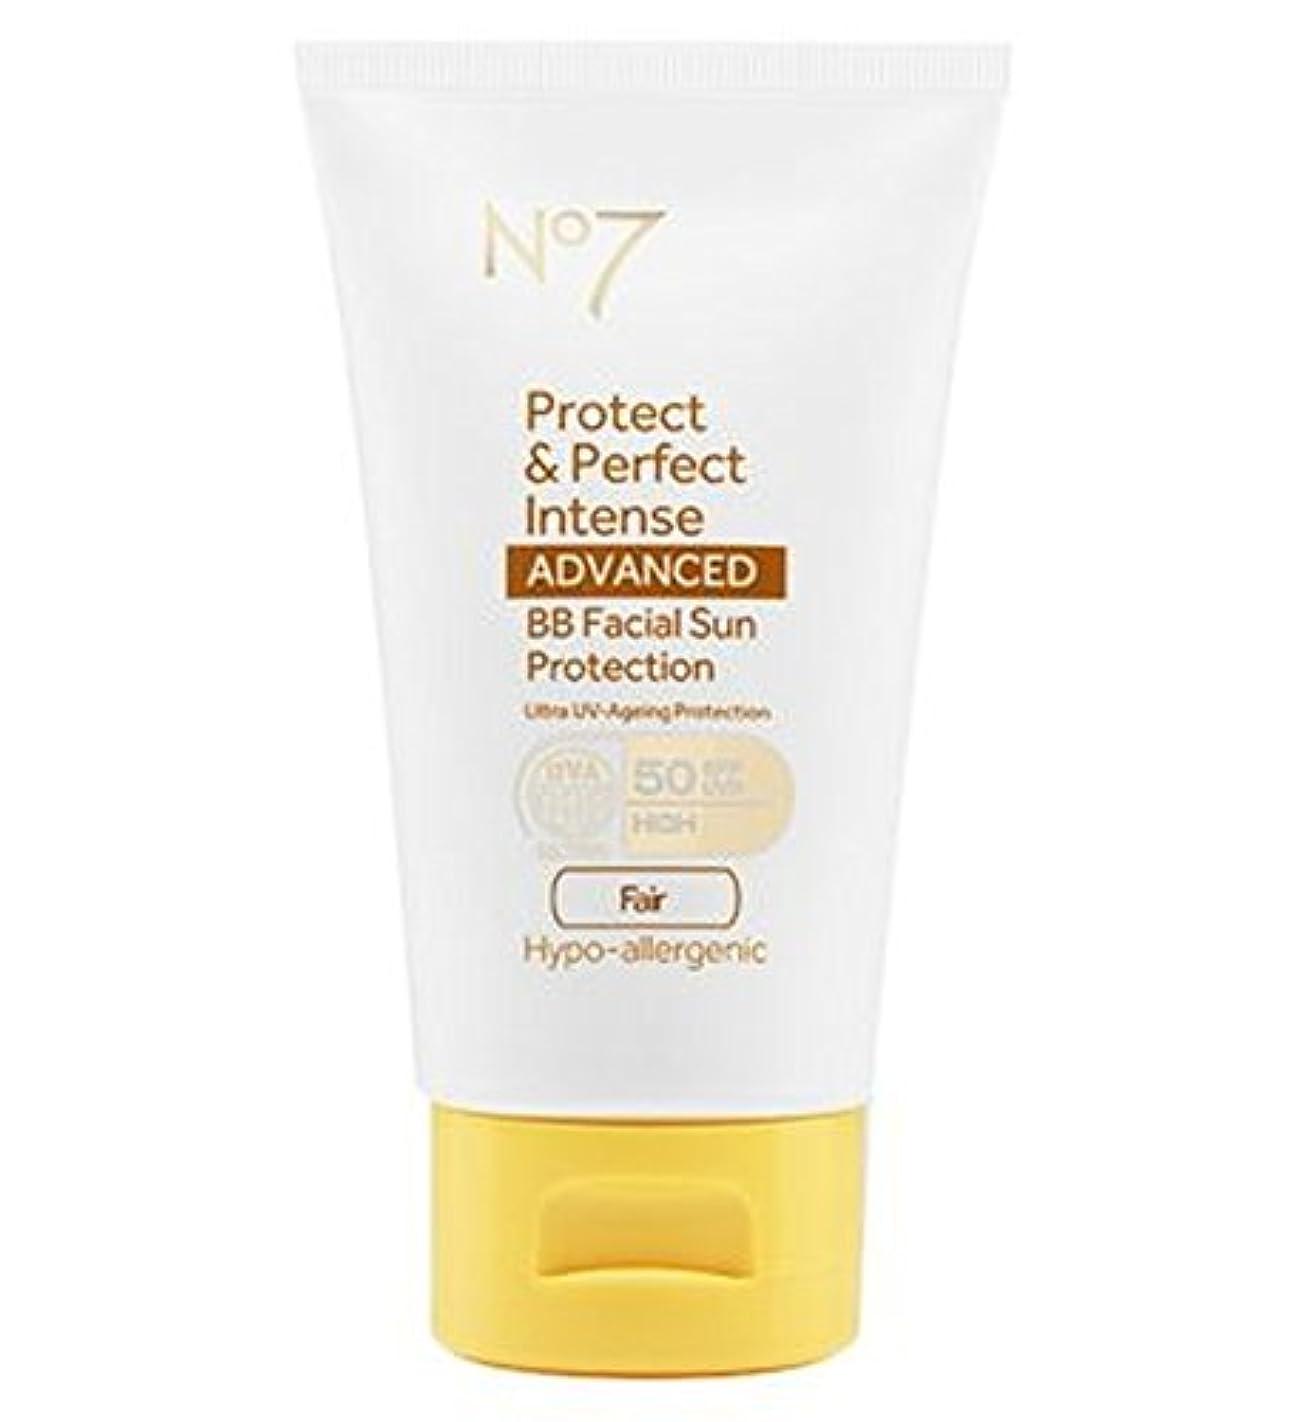 剪断敷居社会科No7保護&完璧な強烈な先進Bb顔の日焼け防止Spf50フェア50ミリリットル (No7) (x2) - No7 Protect & Perfect Intense ADVANCED BB Facial Sun Protection...